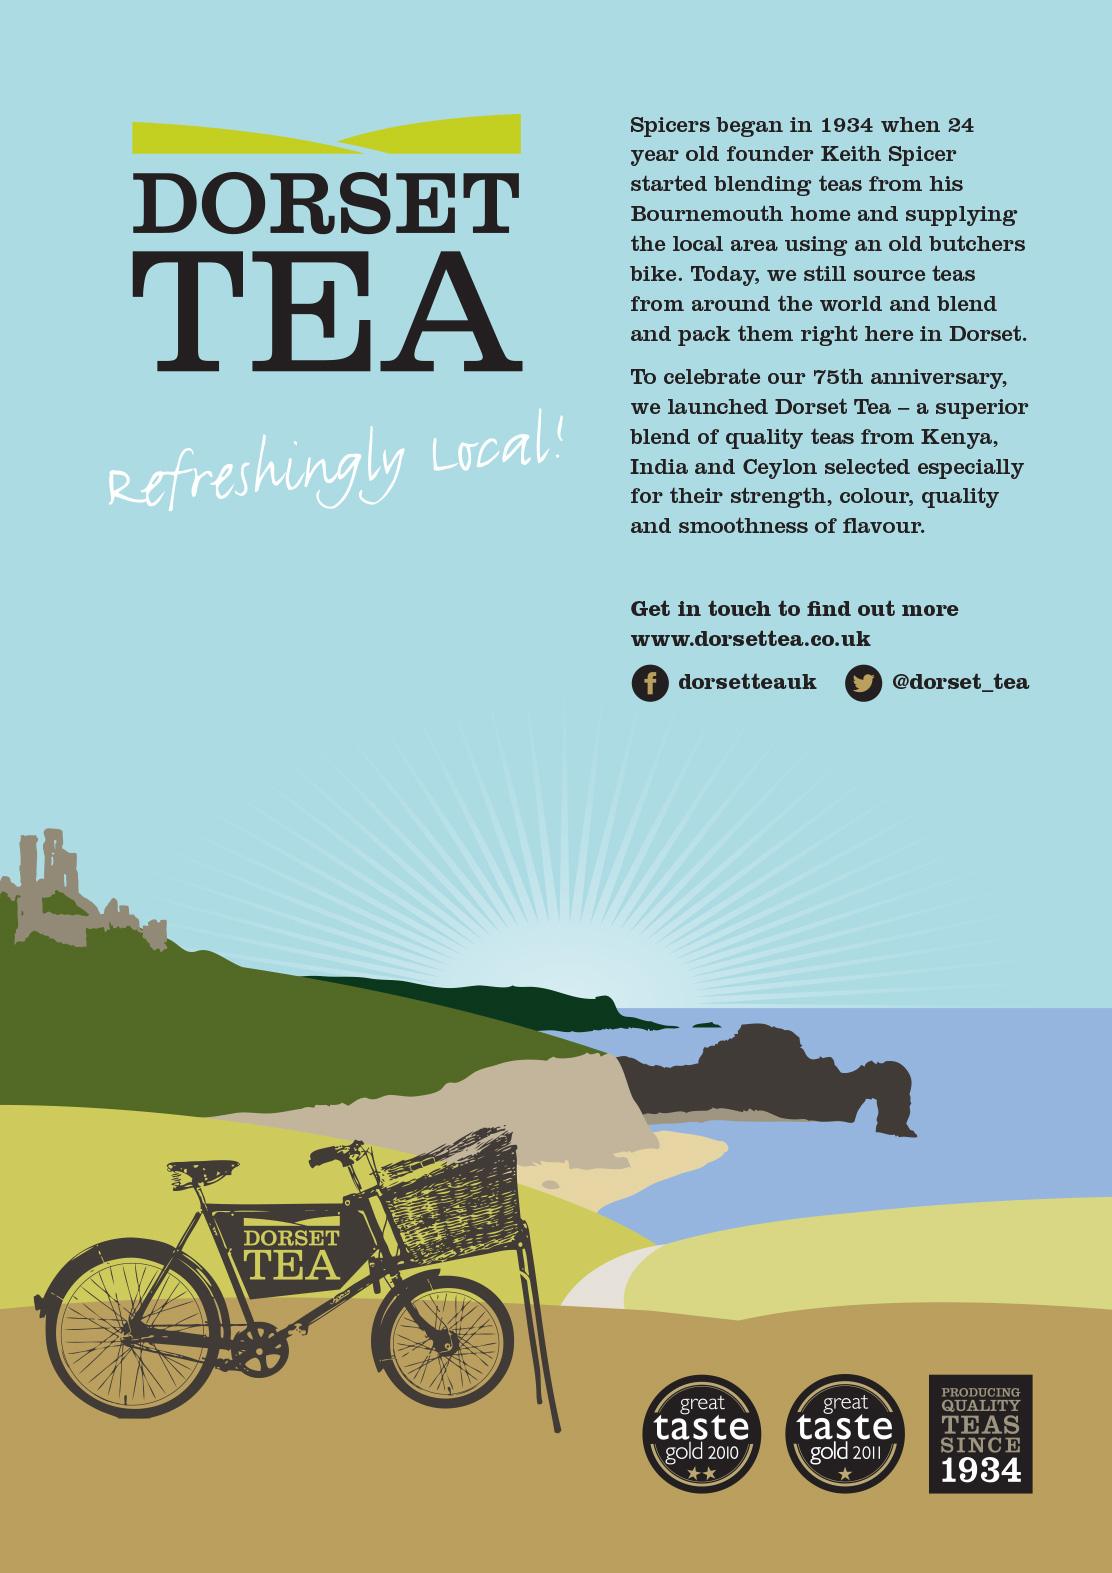 Dorset Tea advertising campaign